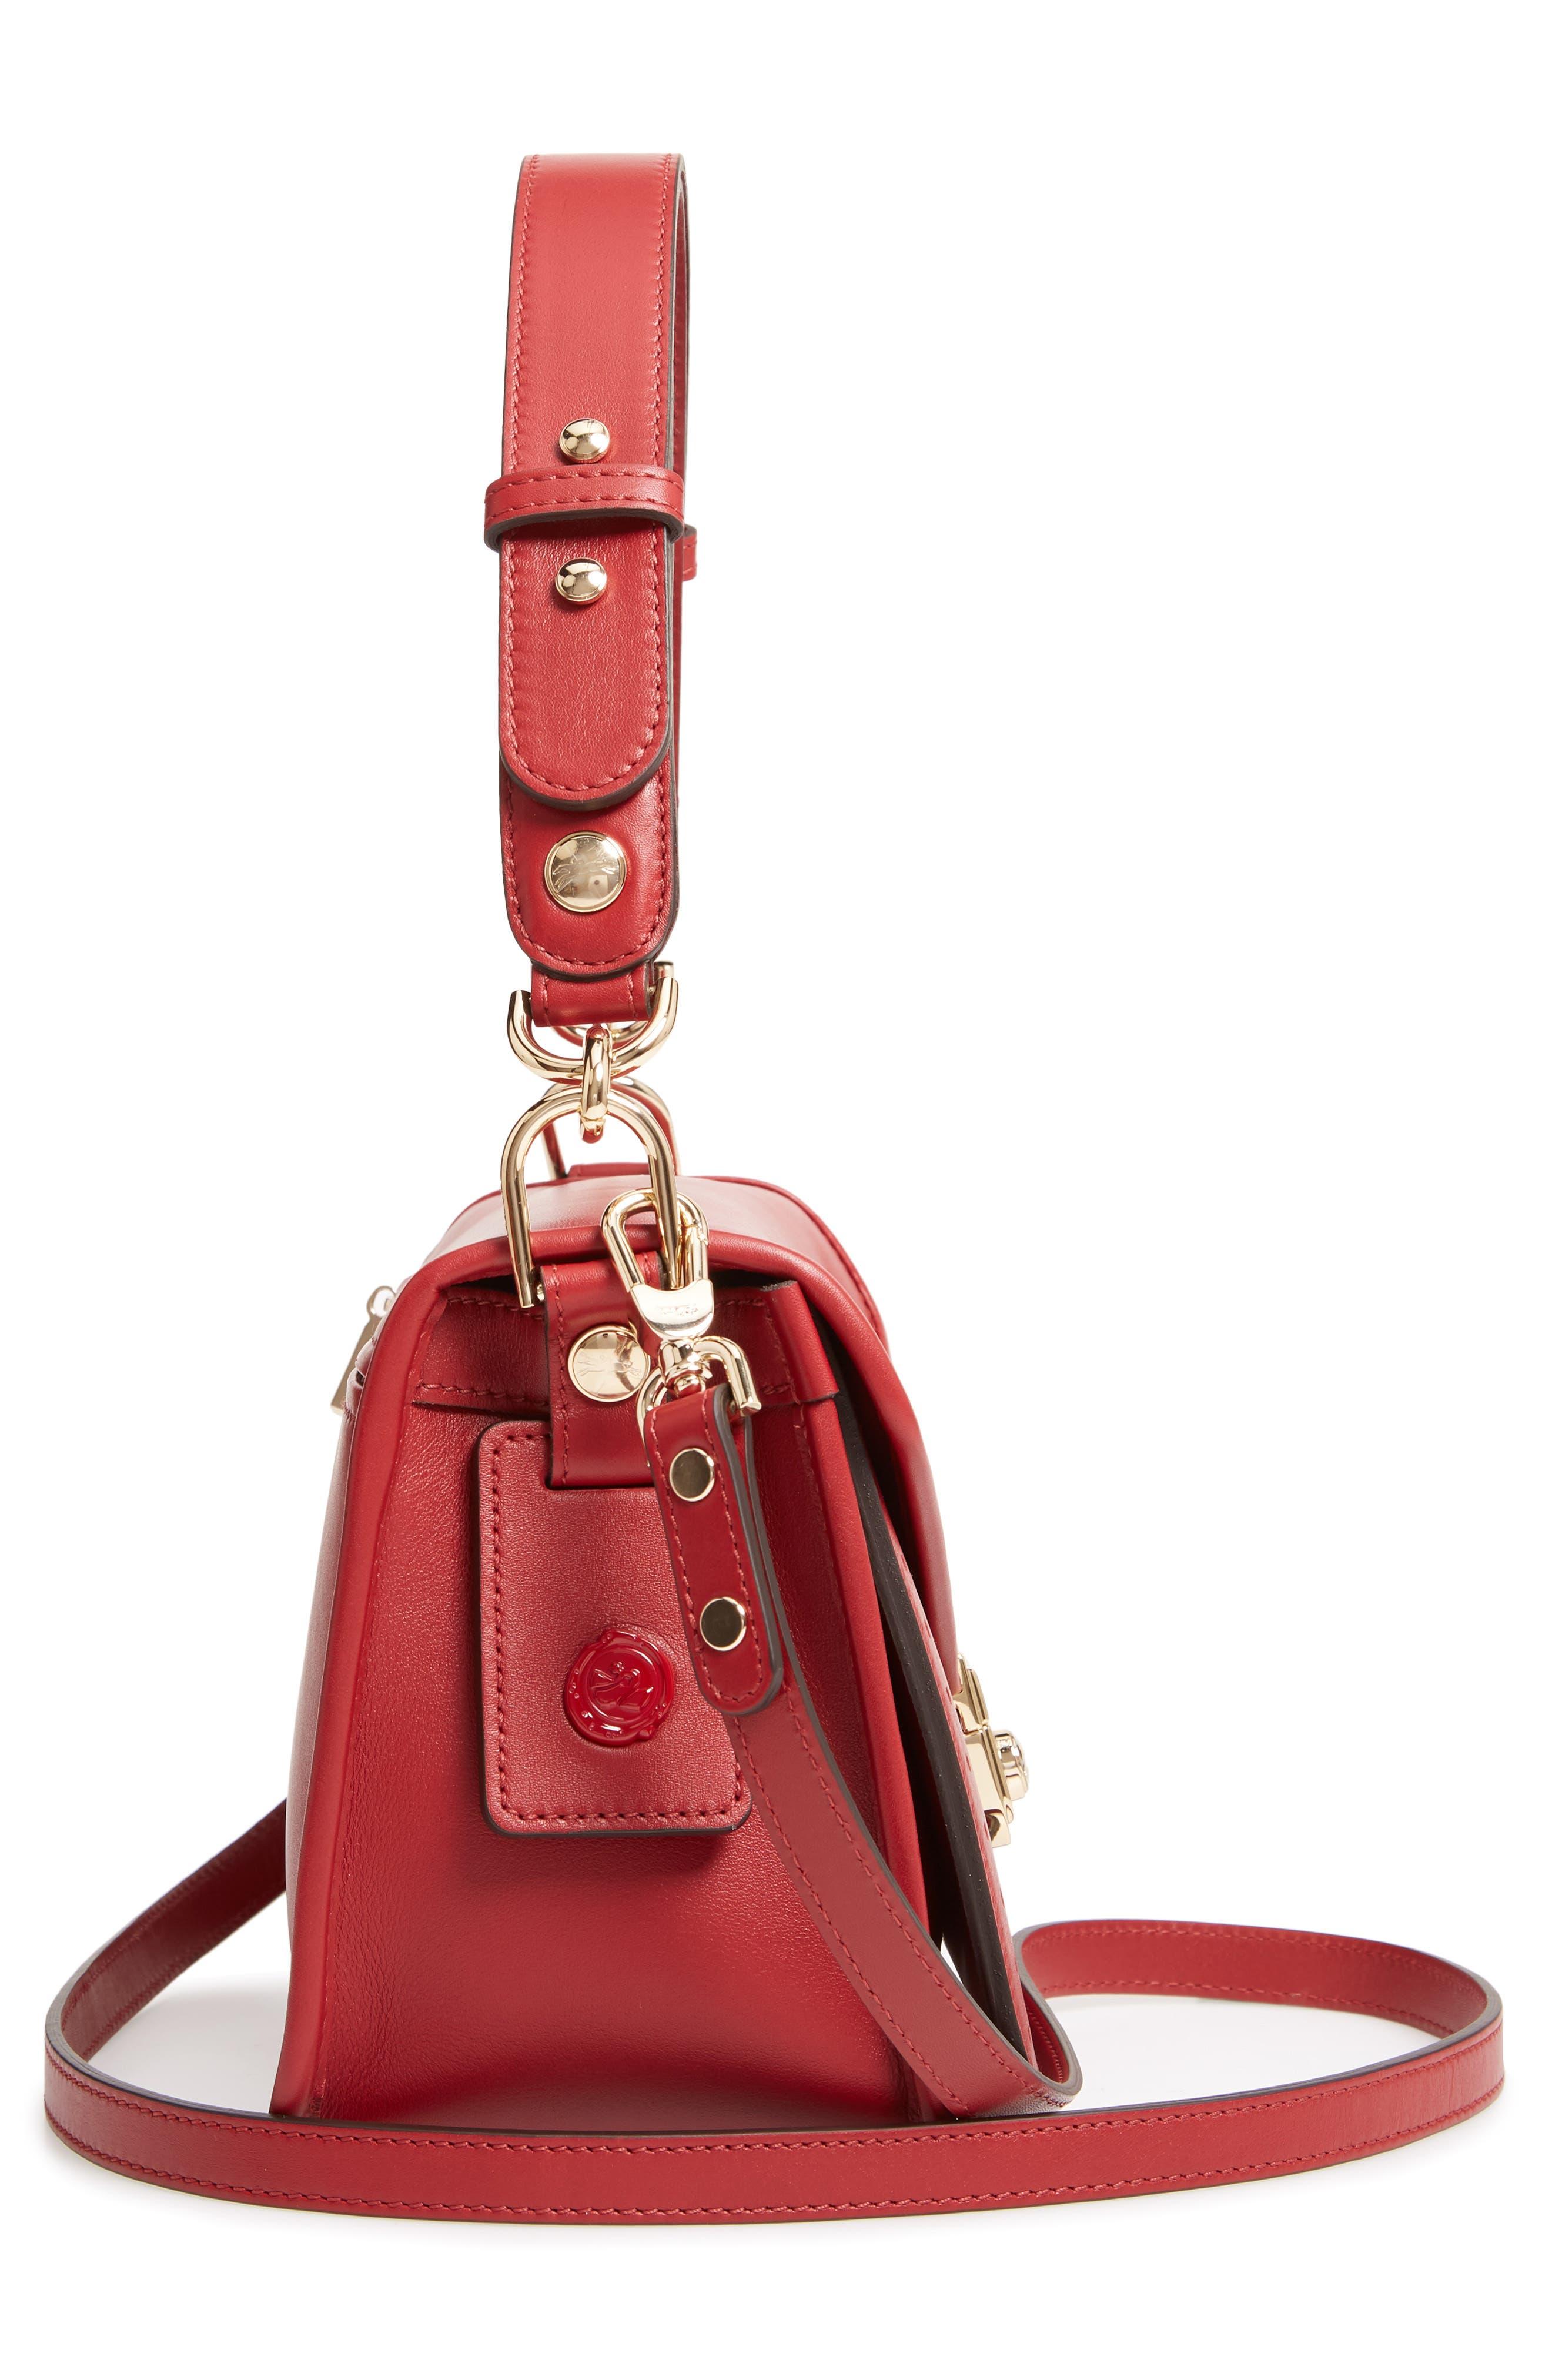 Mademoiselle Calfskin Leather Crossbody Bag,                             Alternate thumbnail 5, color,                             GARNET RED